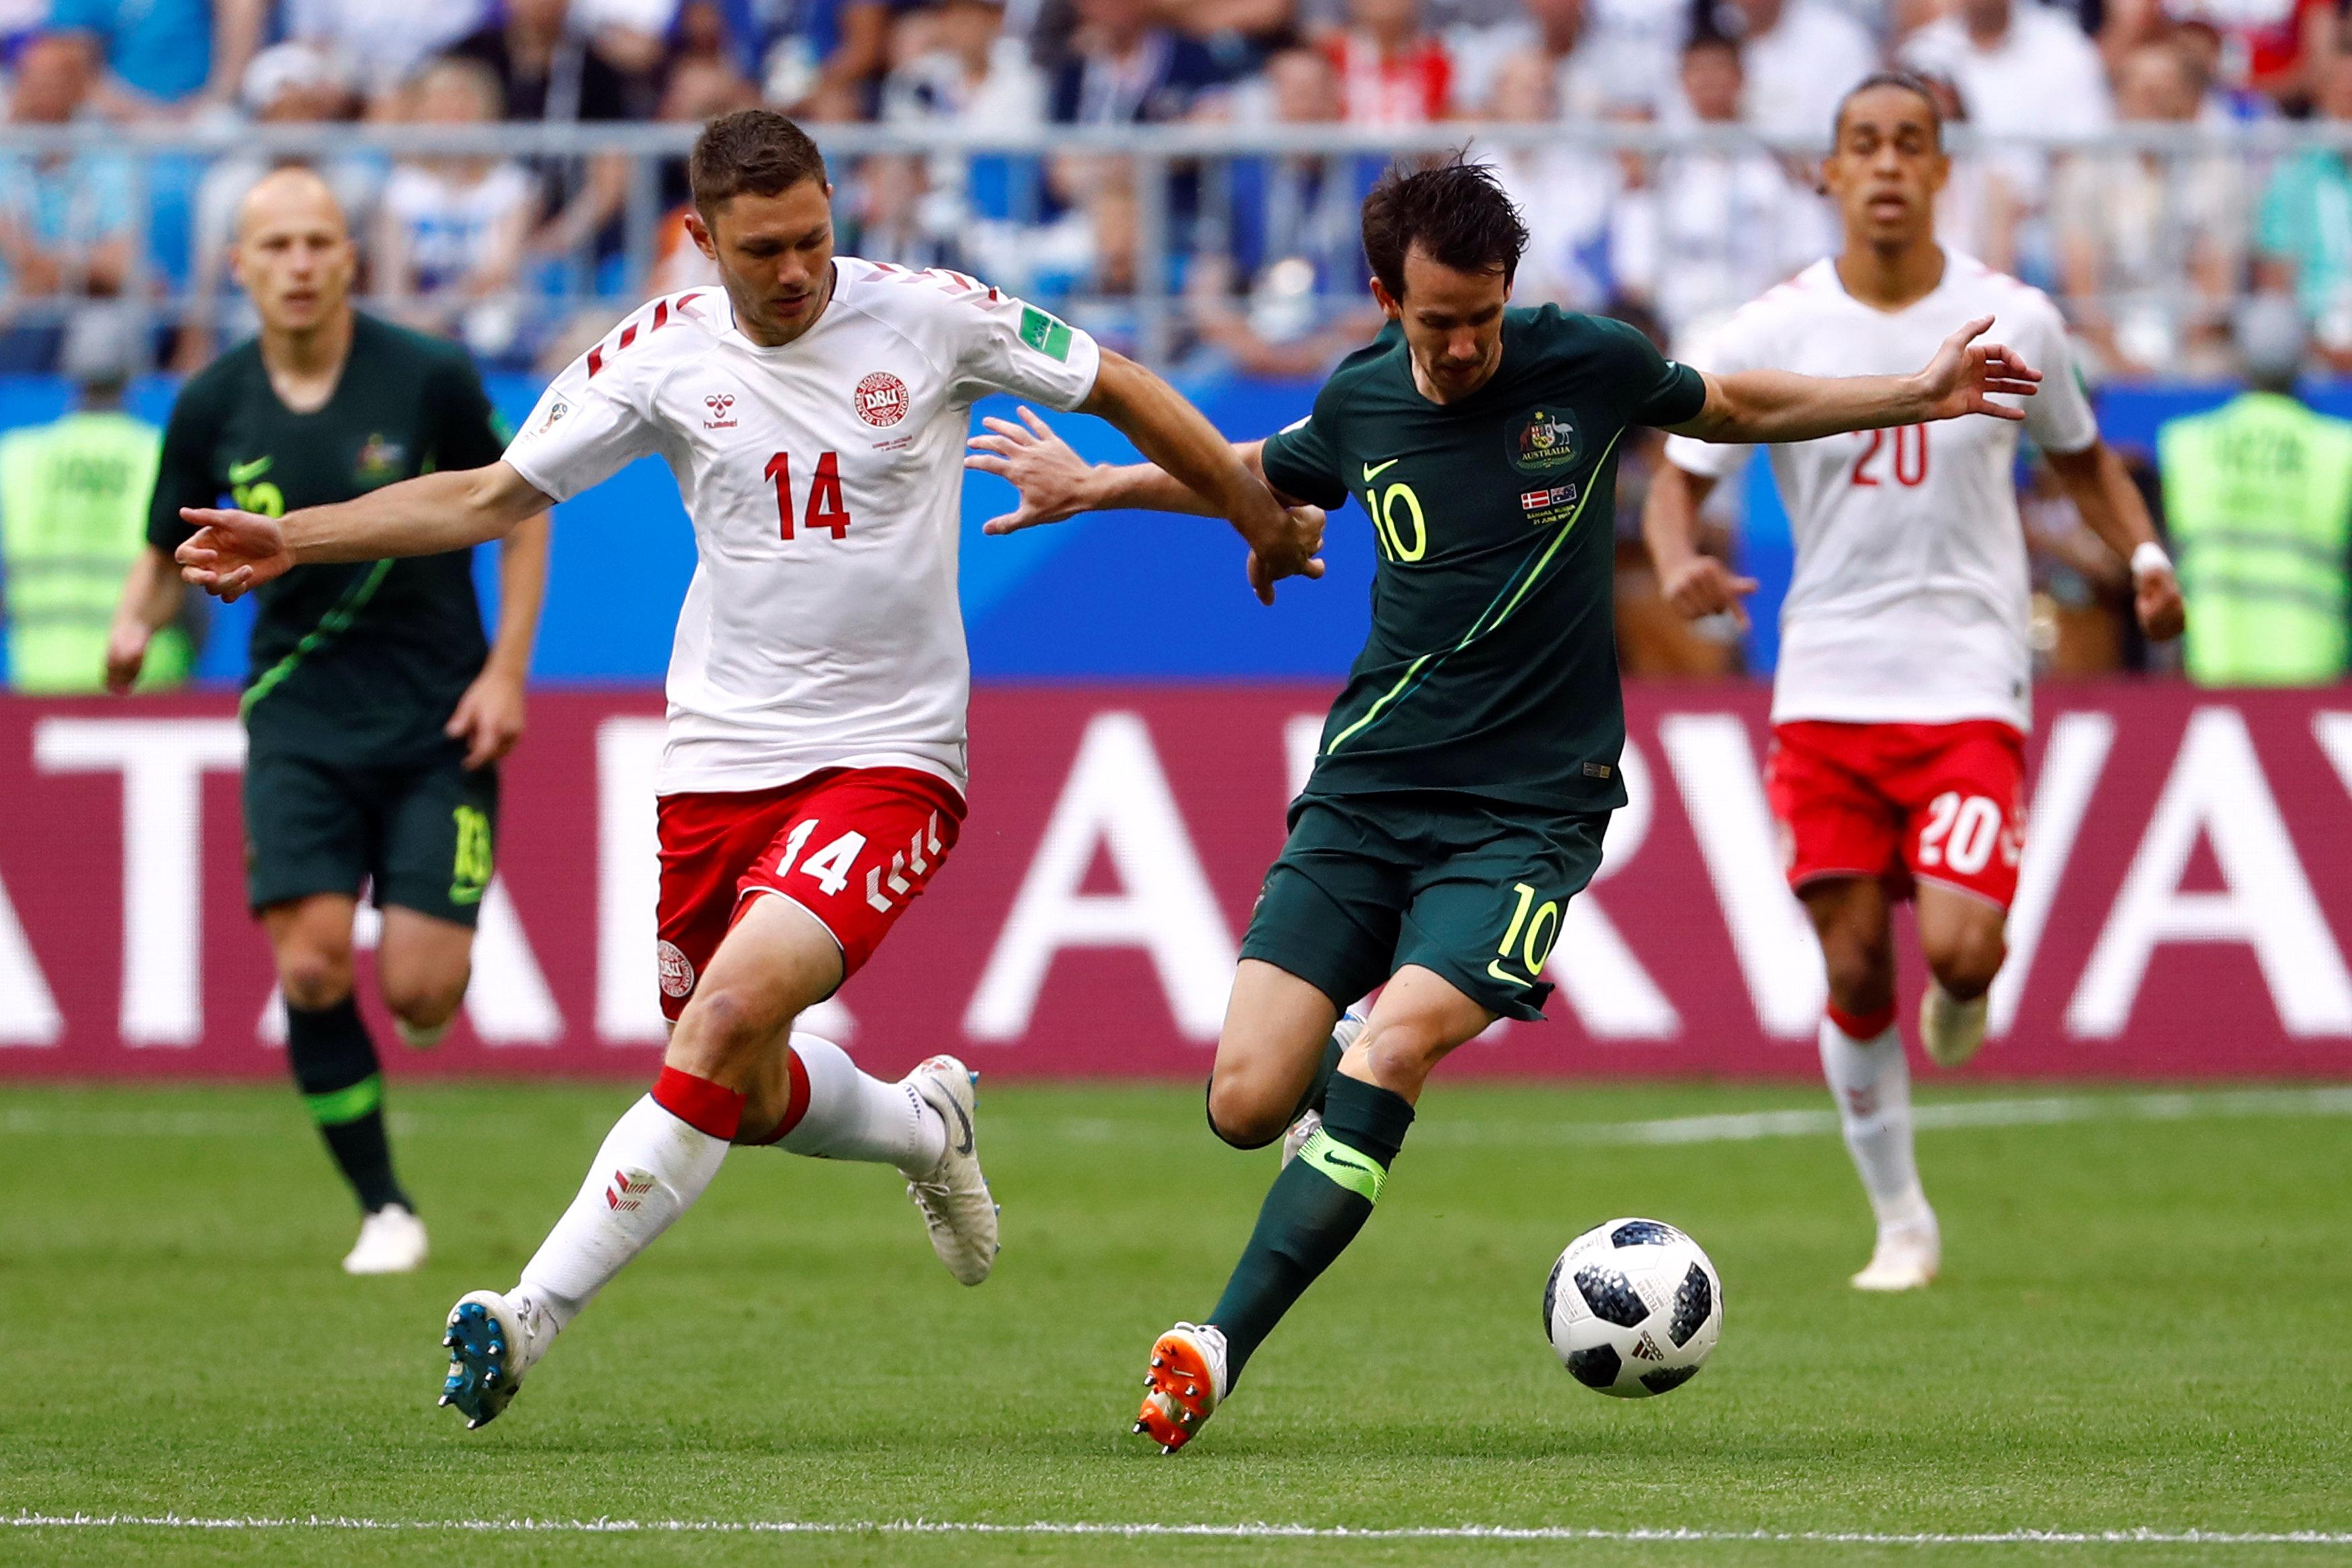 مباراة استراليا والدنمارك (5)